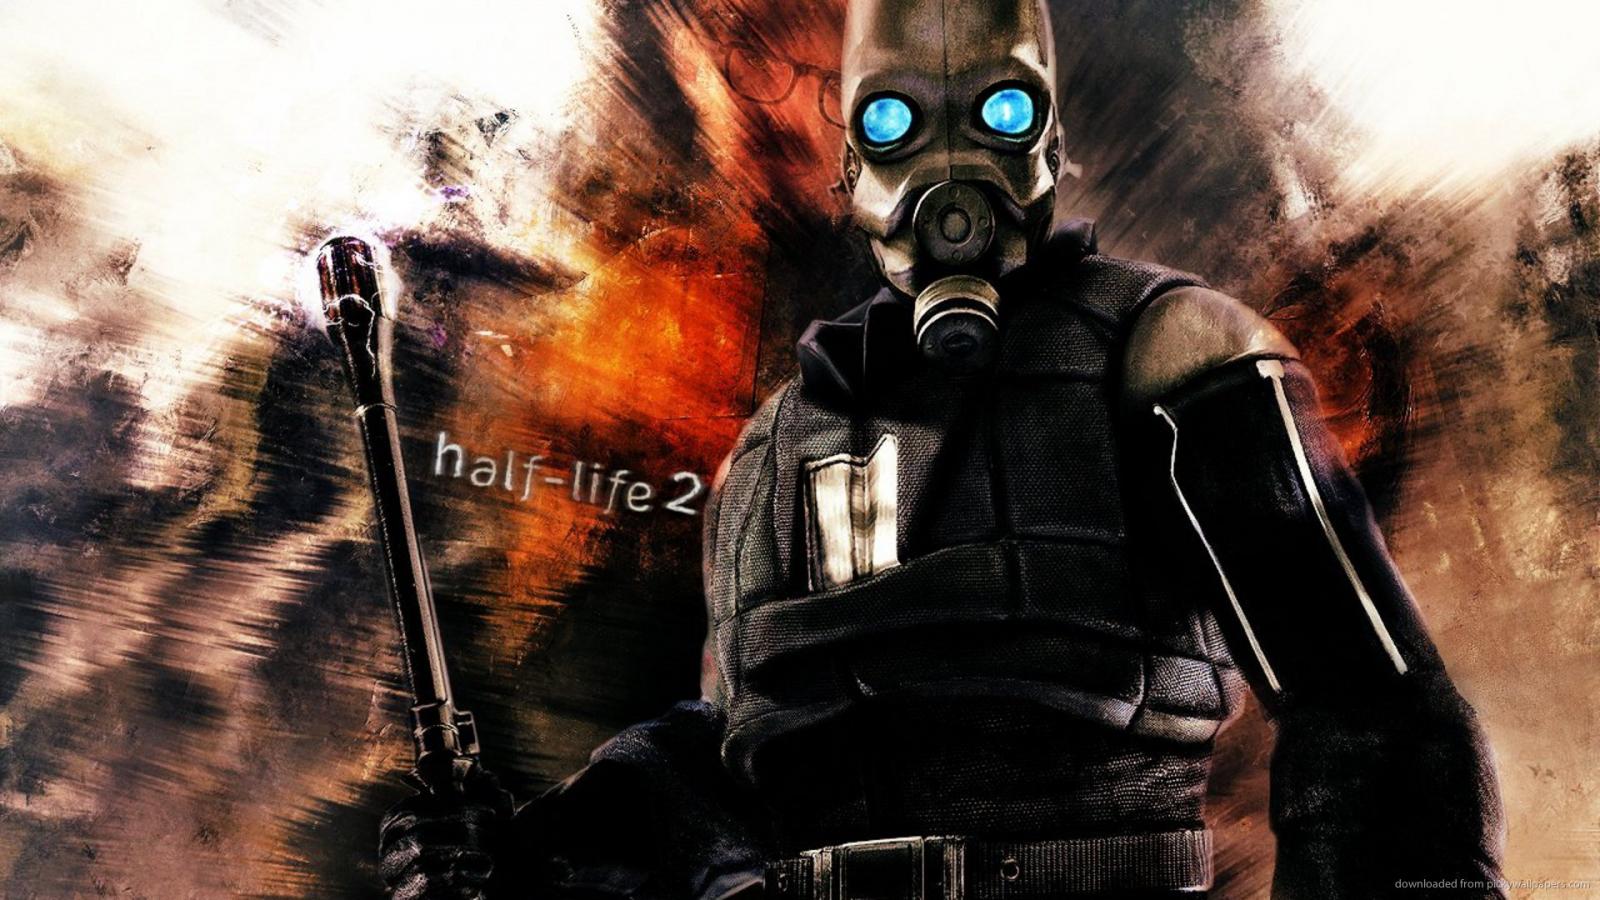 Free Download Download 1920x1080 Half Life 2 Combine Art Wallpaper